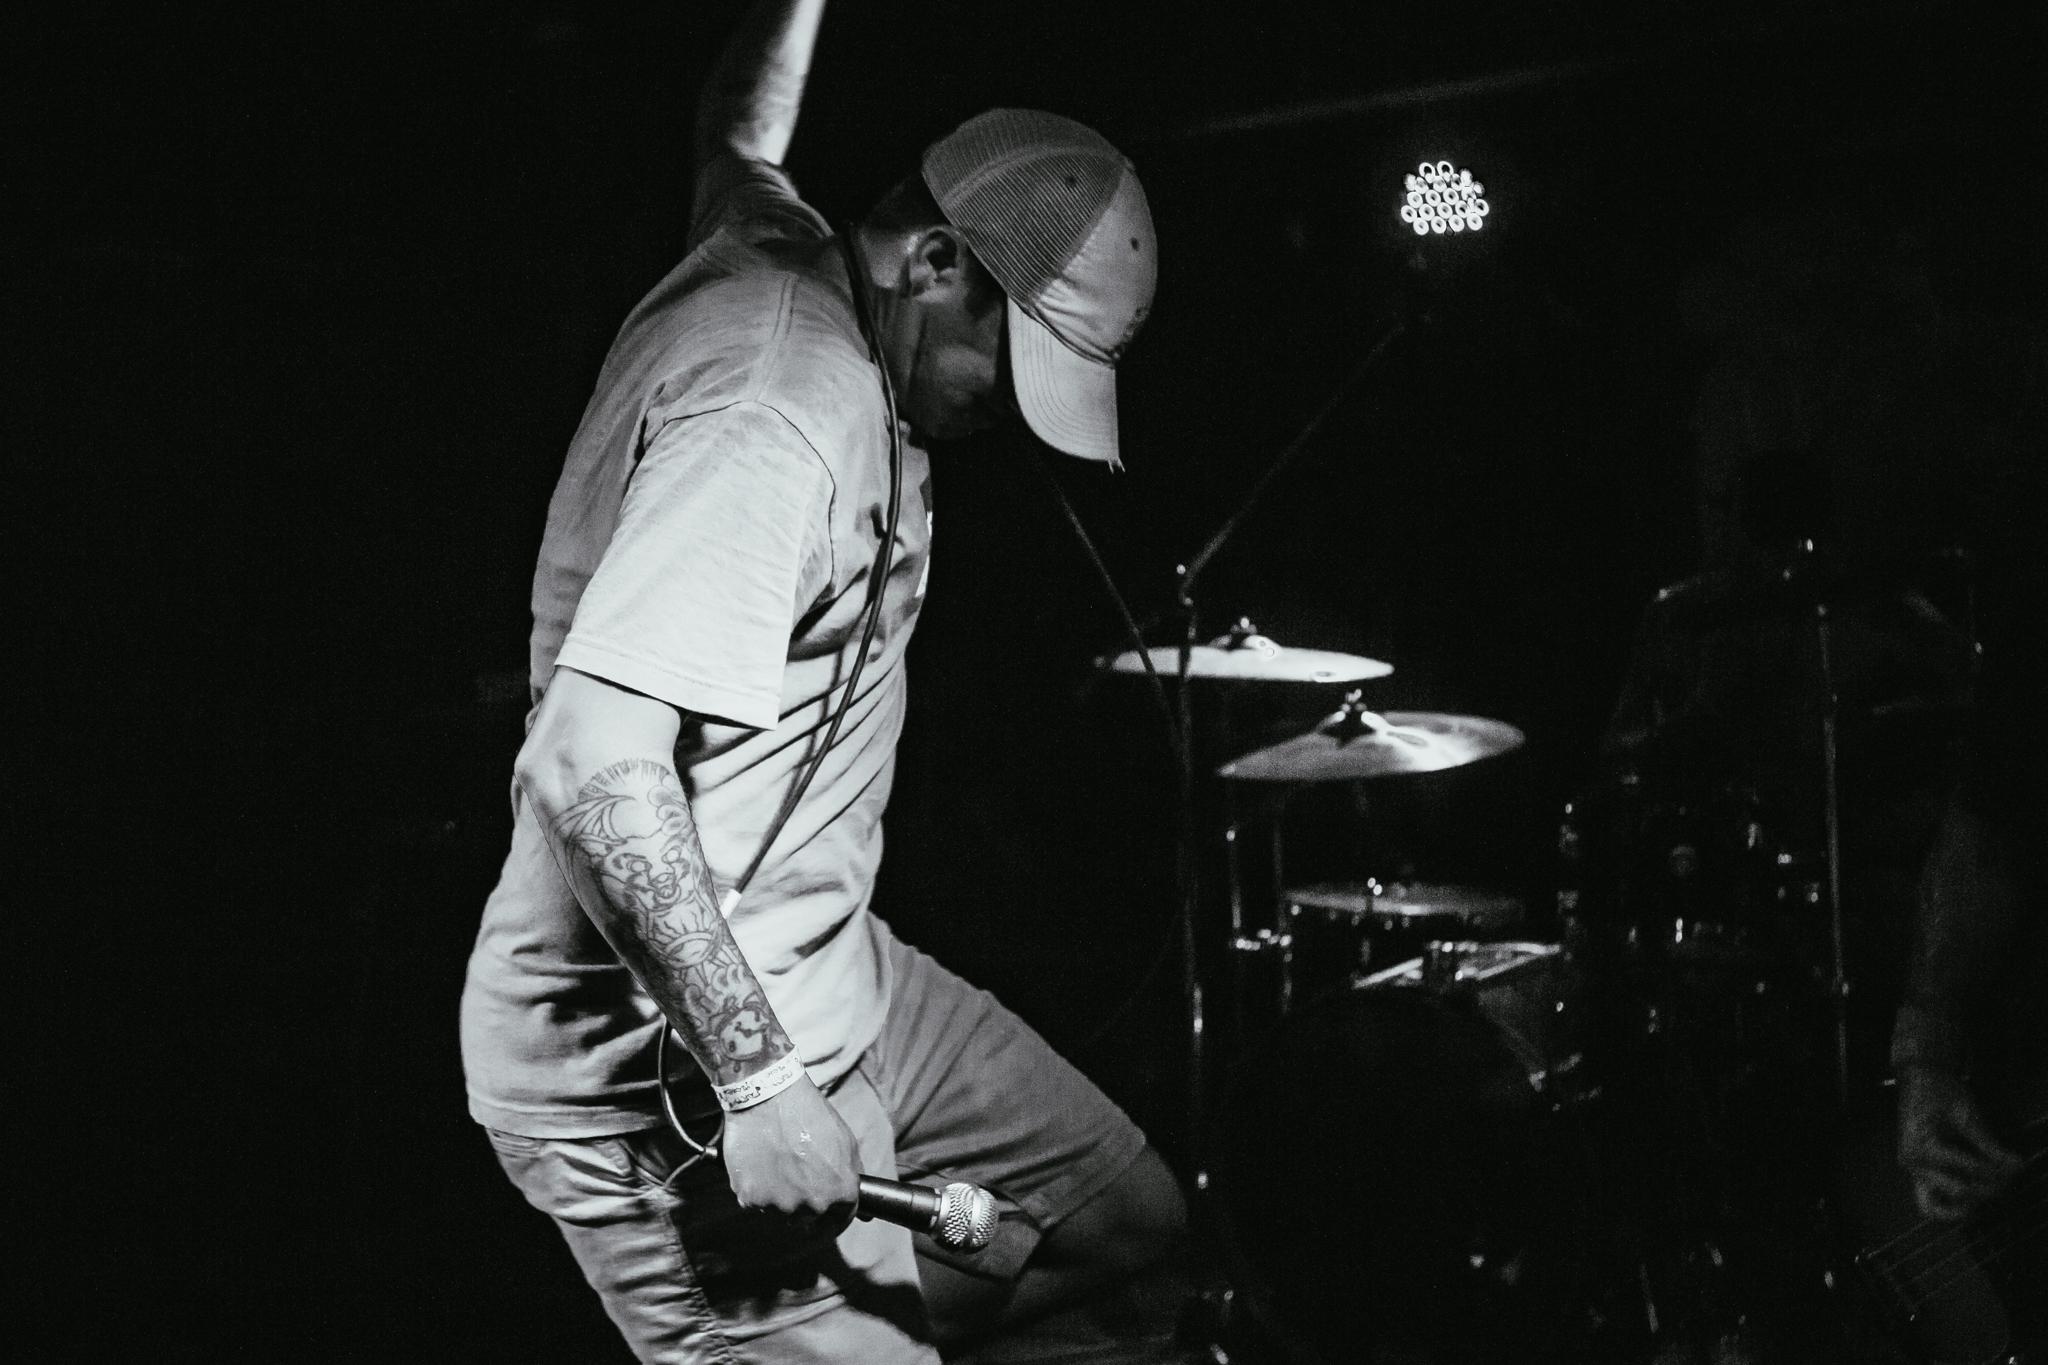 Mitch Lowe Photo - Crowbar - Expire-33.jpg